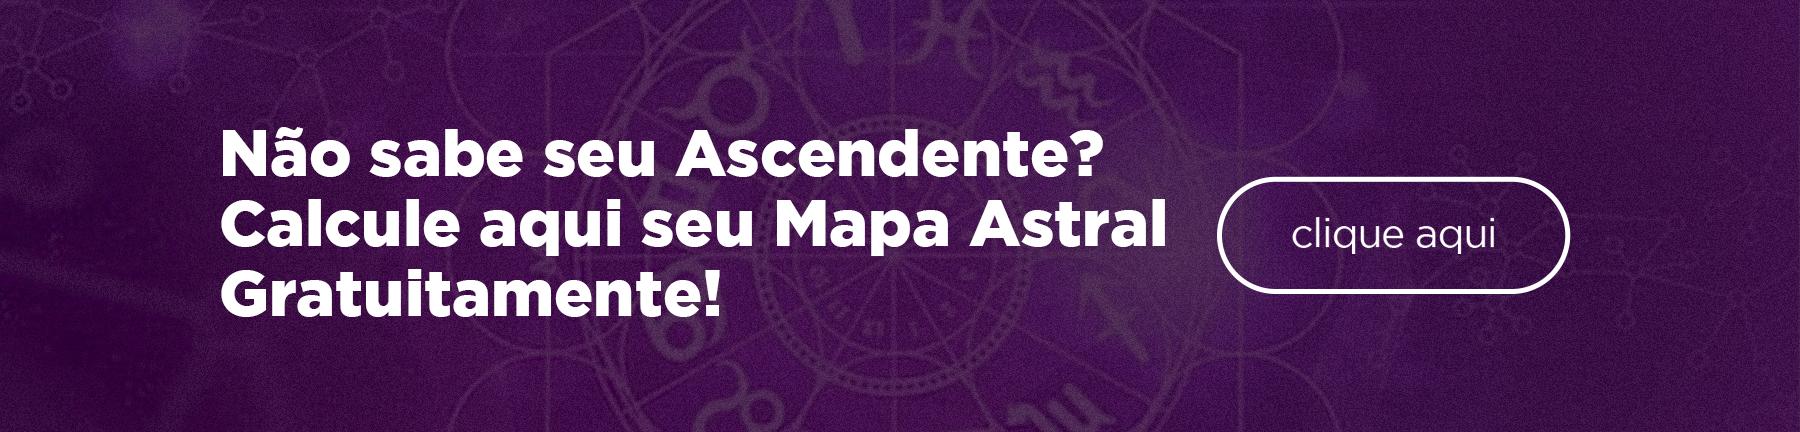 banner-ascendente-mapa-astral-gratuito